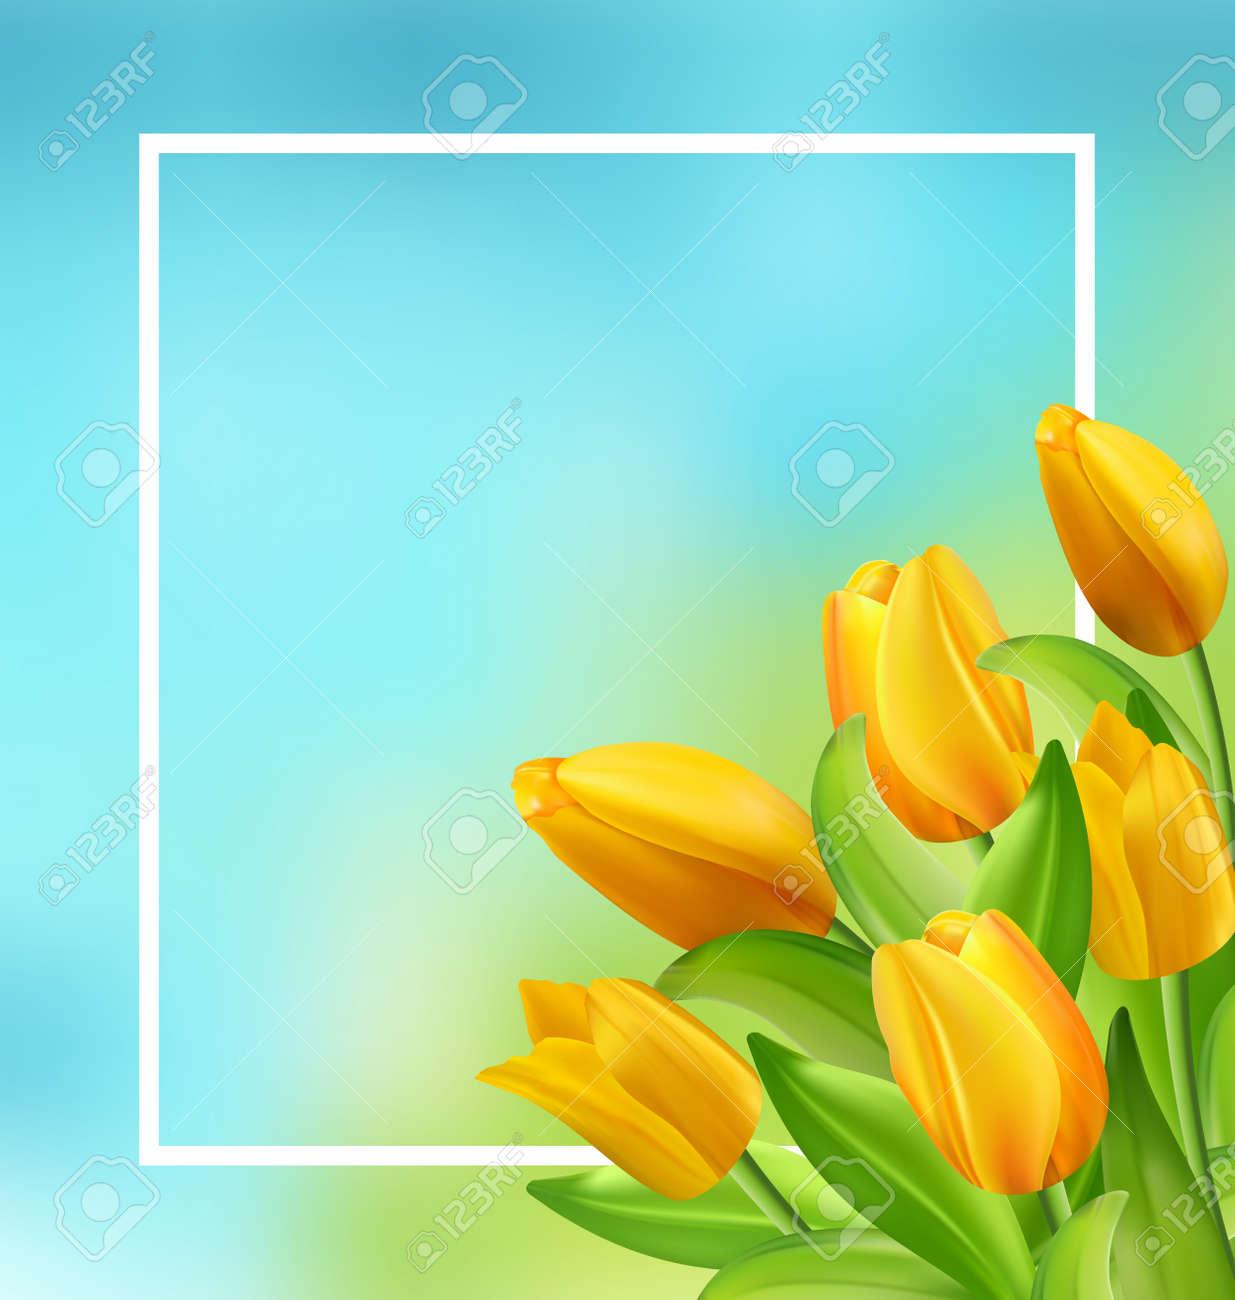 Ilustracion Del Marco Natural Con Los Tulipanes Amarillos Flores